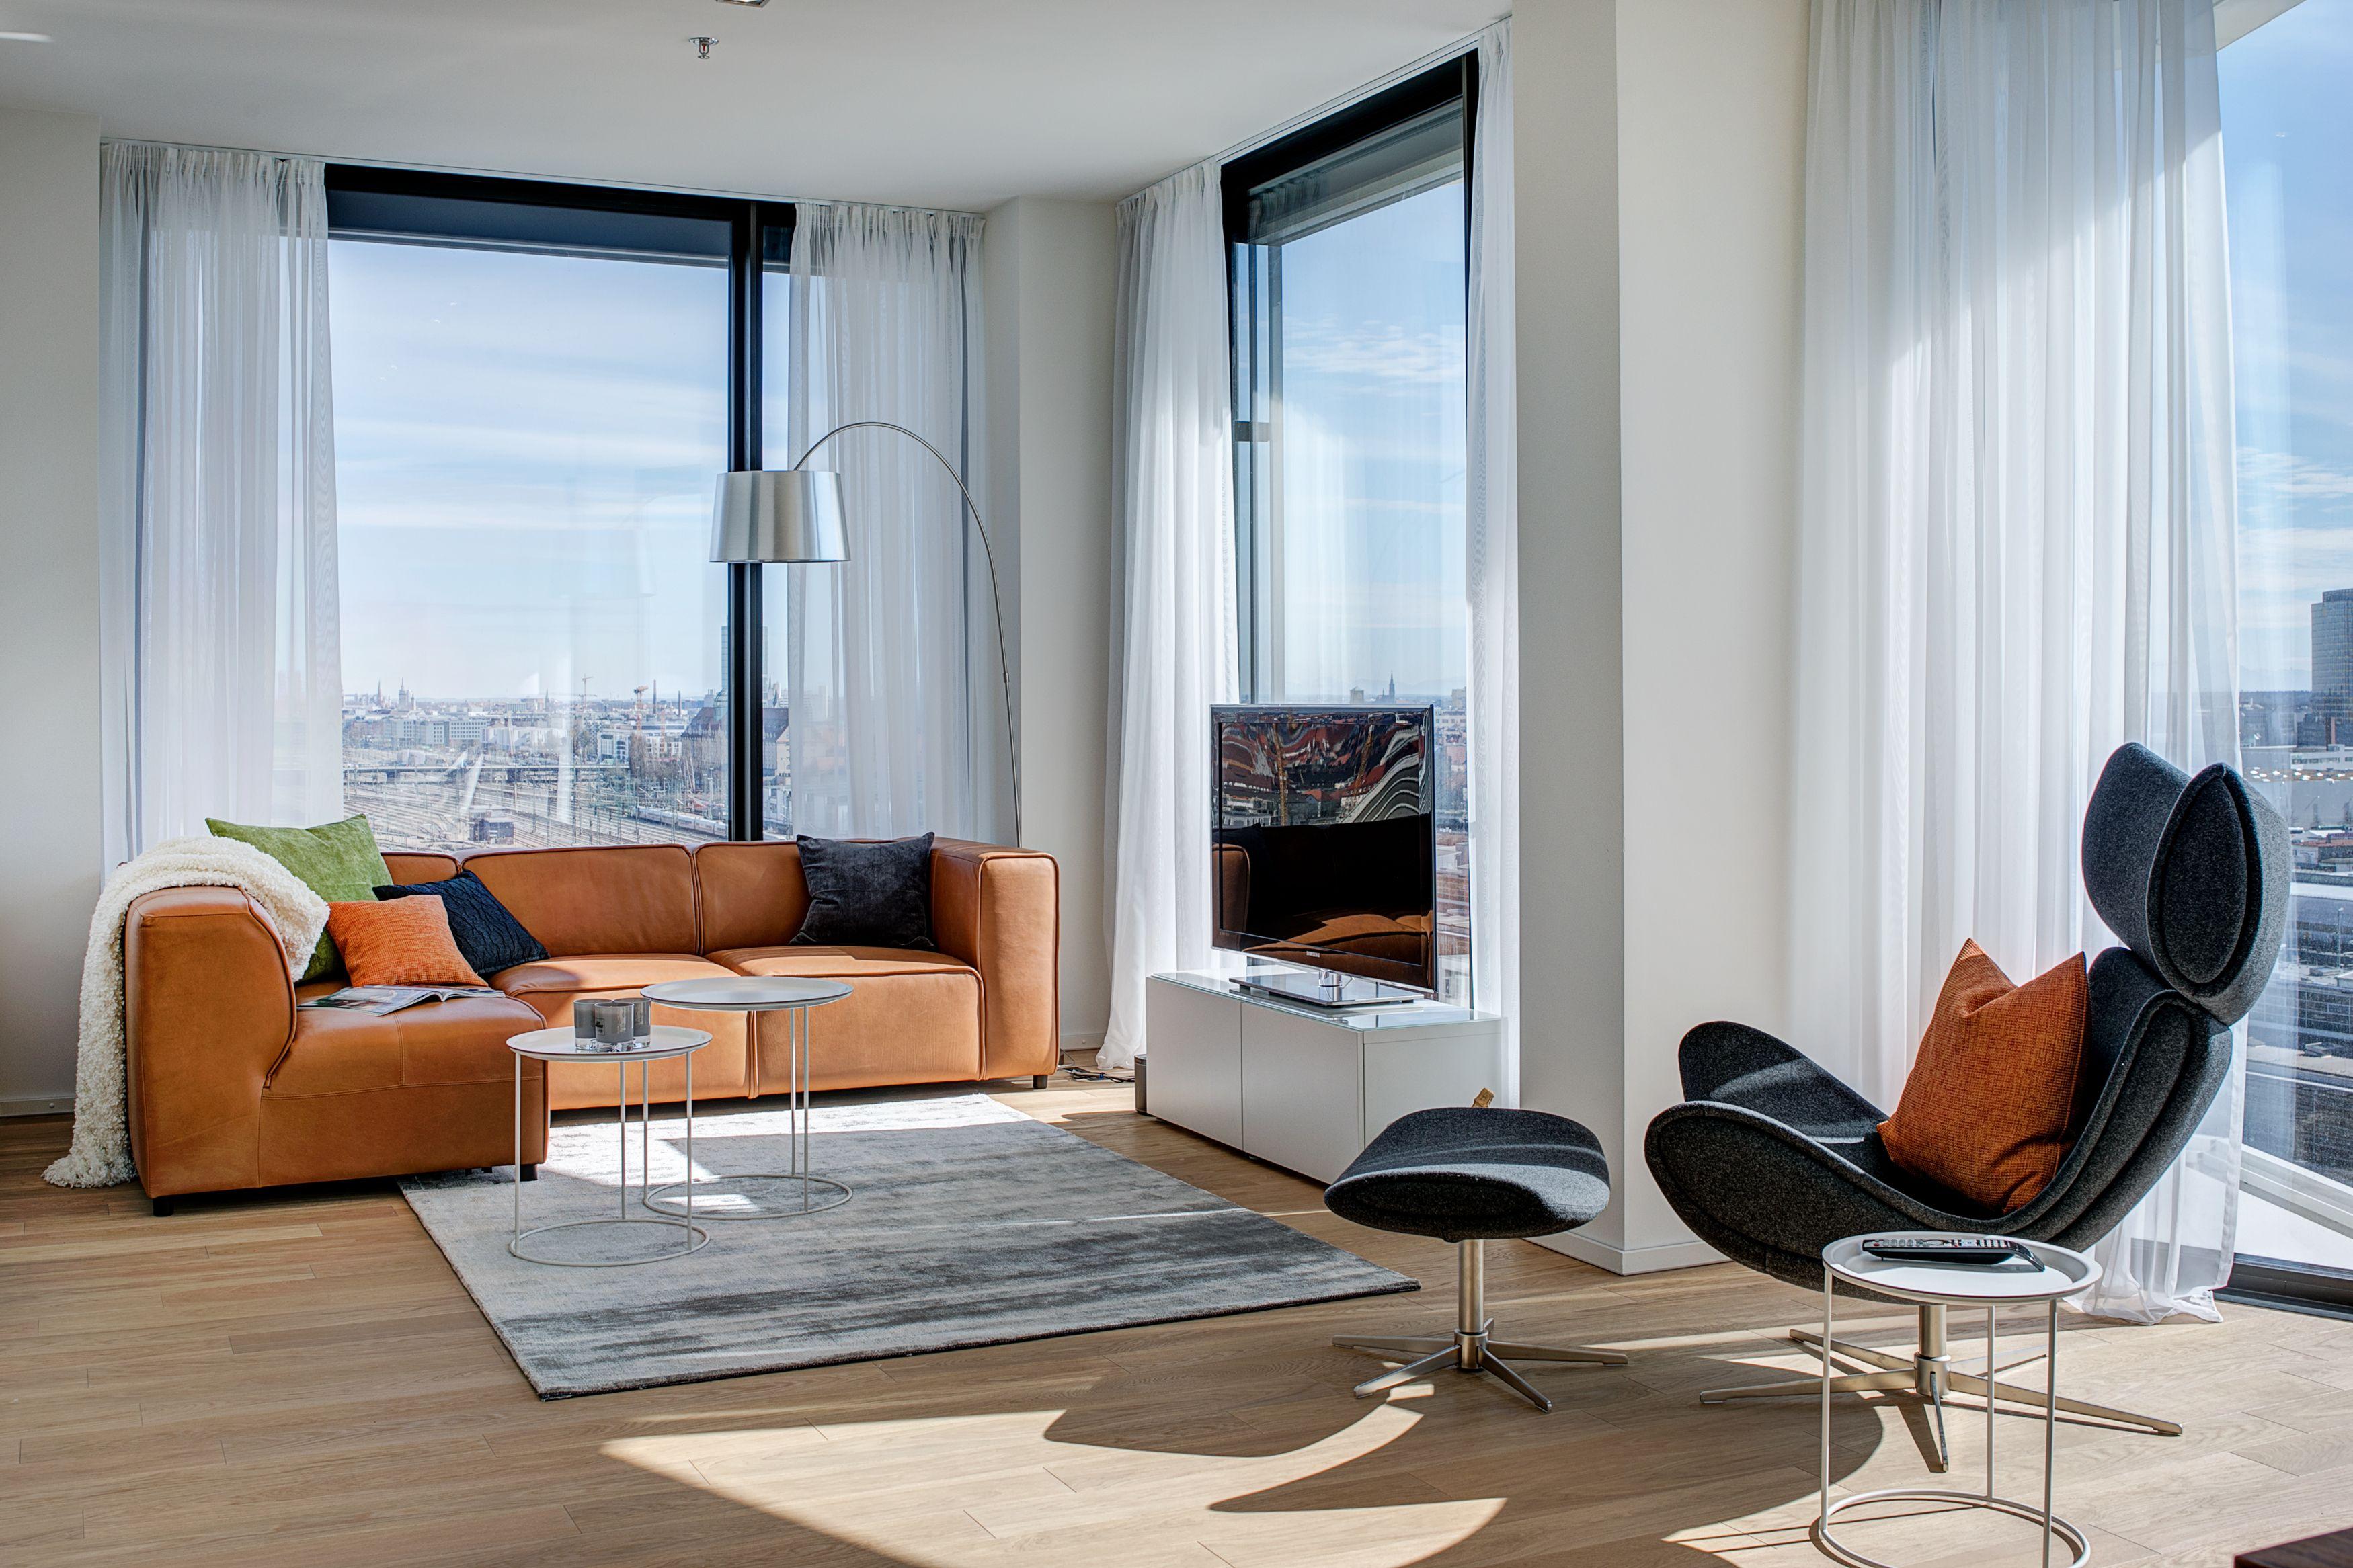 Professionell eingerichtetes Wohnzimmer mit bodentiefen Fenstern und ...